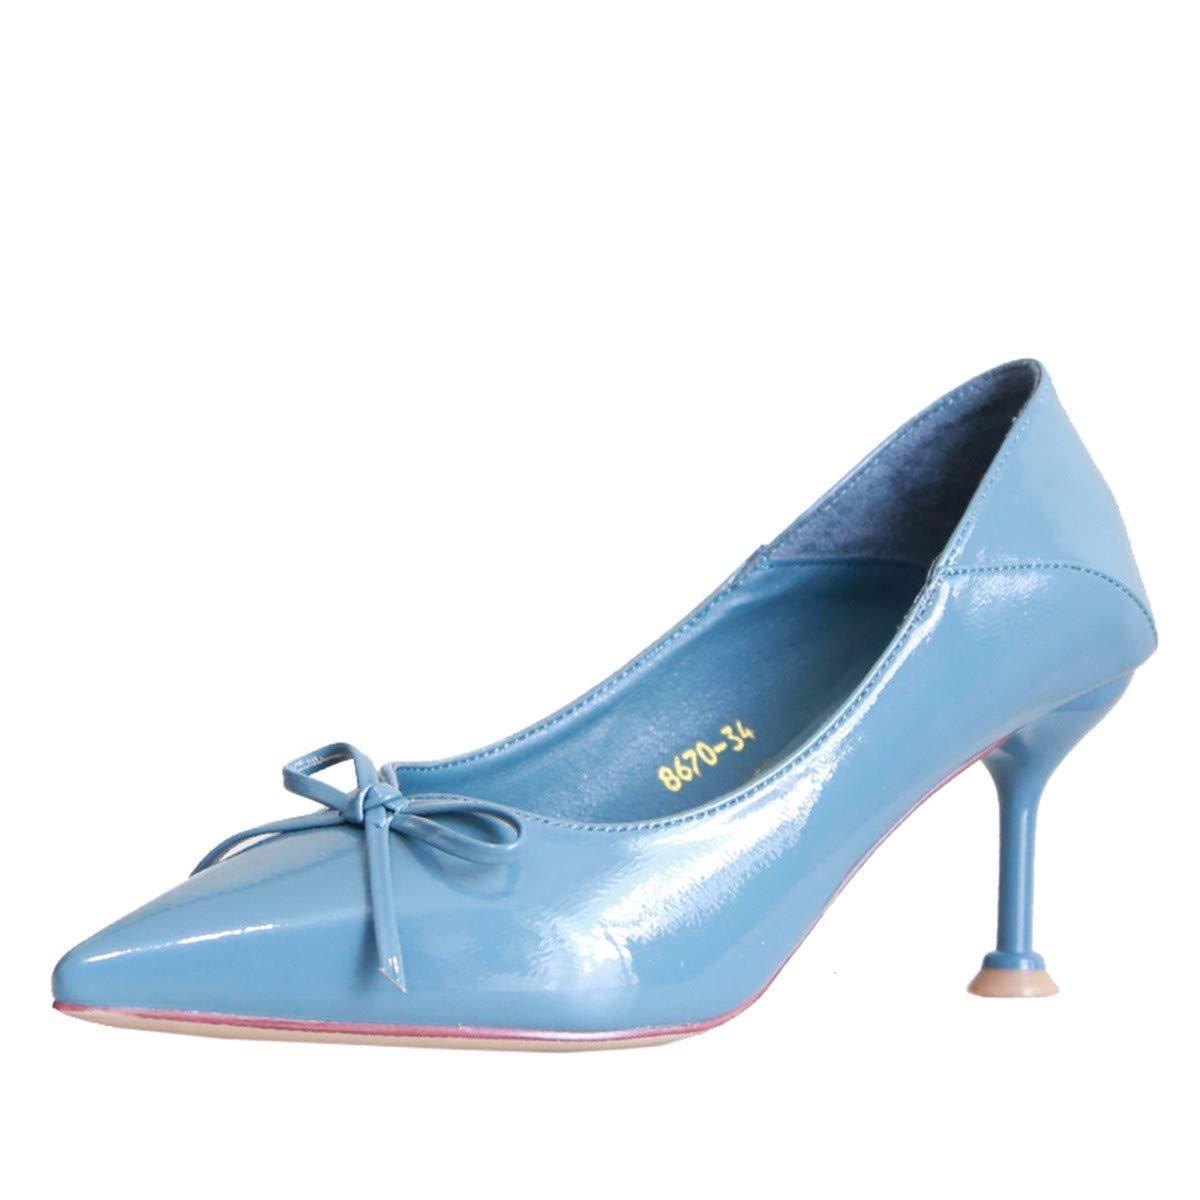 KPHY Damenschuhe Herbst Süße Pfeil Verwies Darauf Schuhe Gut Bei Bei Bei Fuß 6 cm Hochhackigen Schuhe Flachen Mund - Lack-Haut Modische Schuhe.36 Blau 8ed739